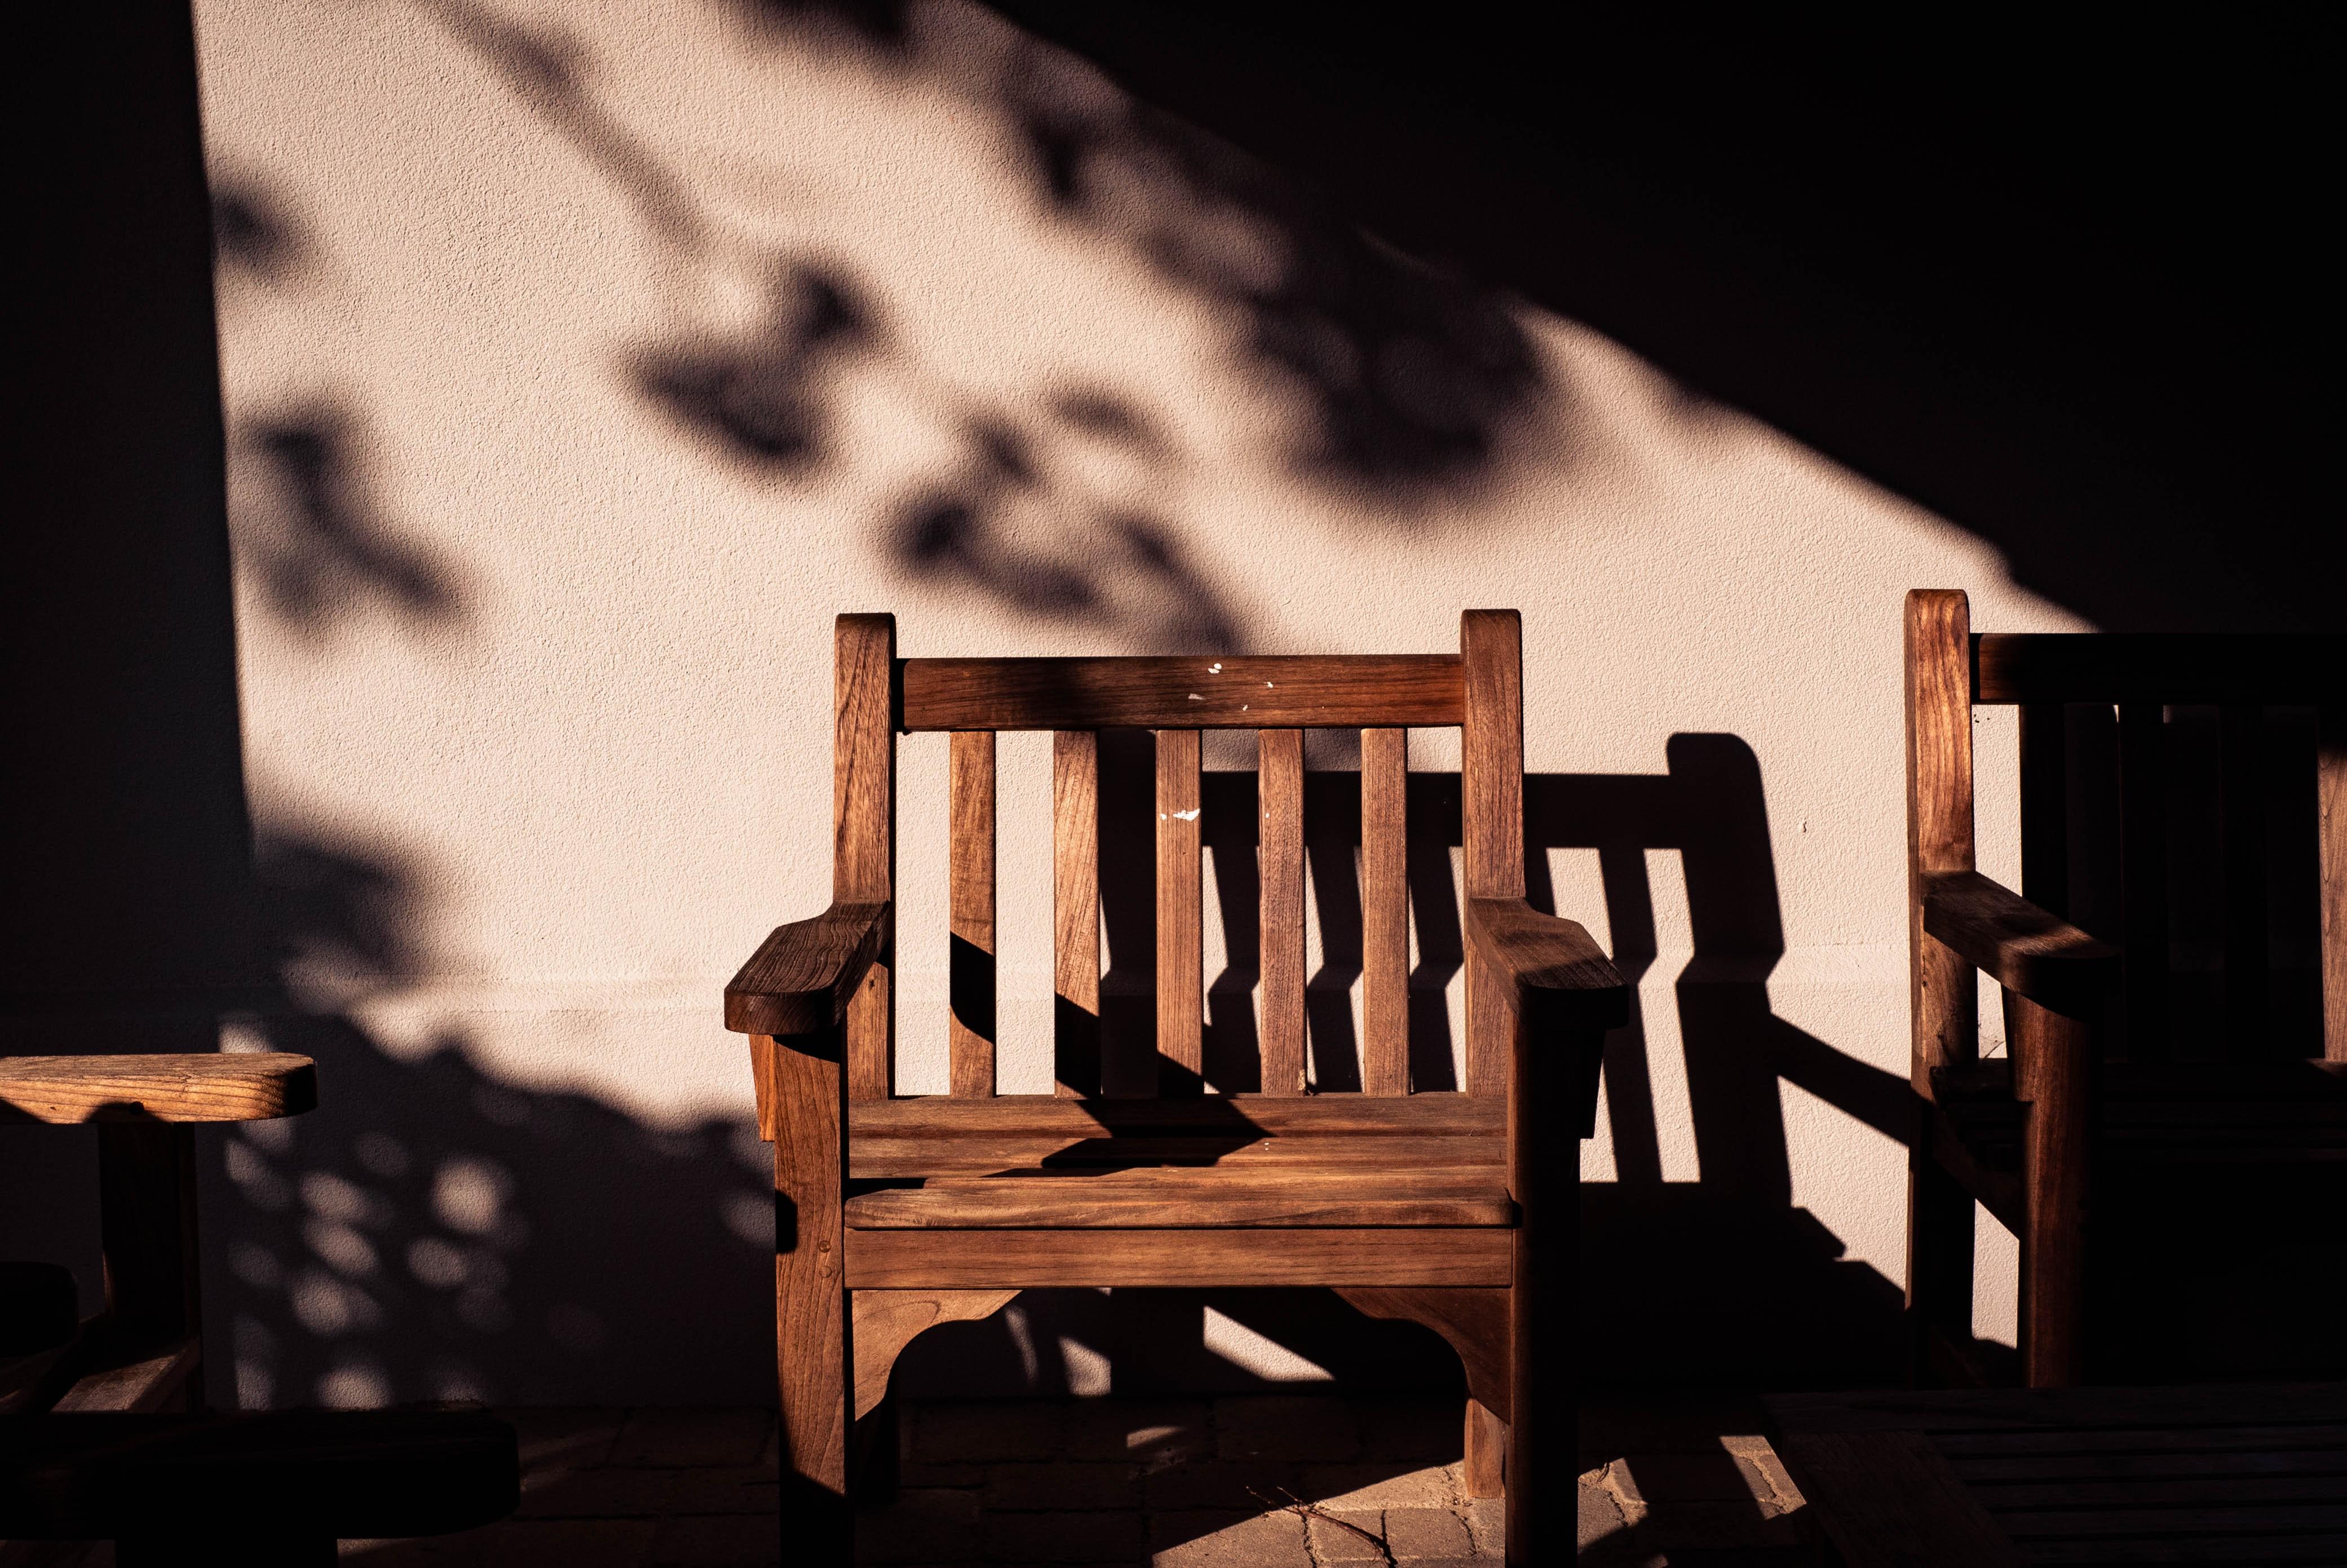 Traiter mobilier bois